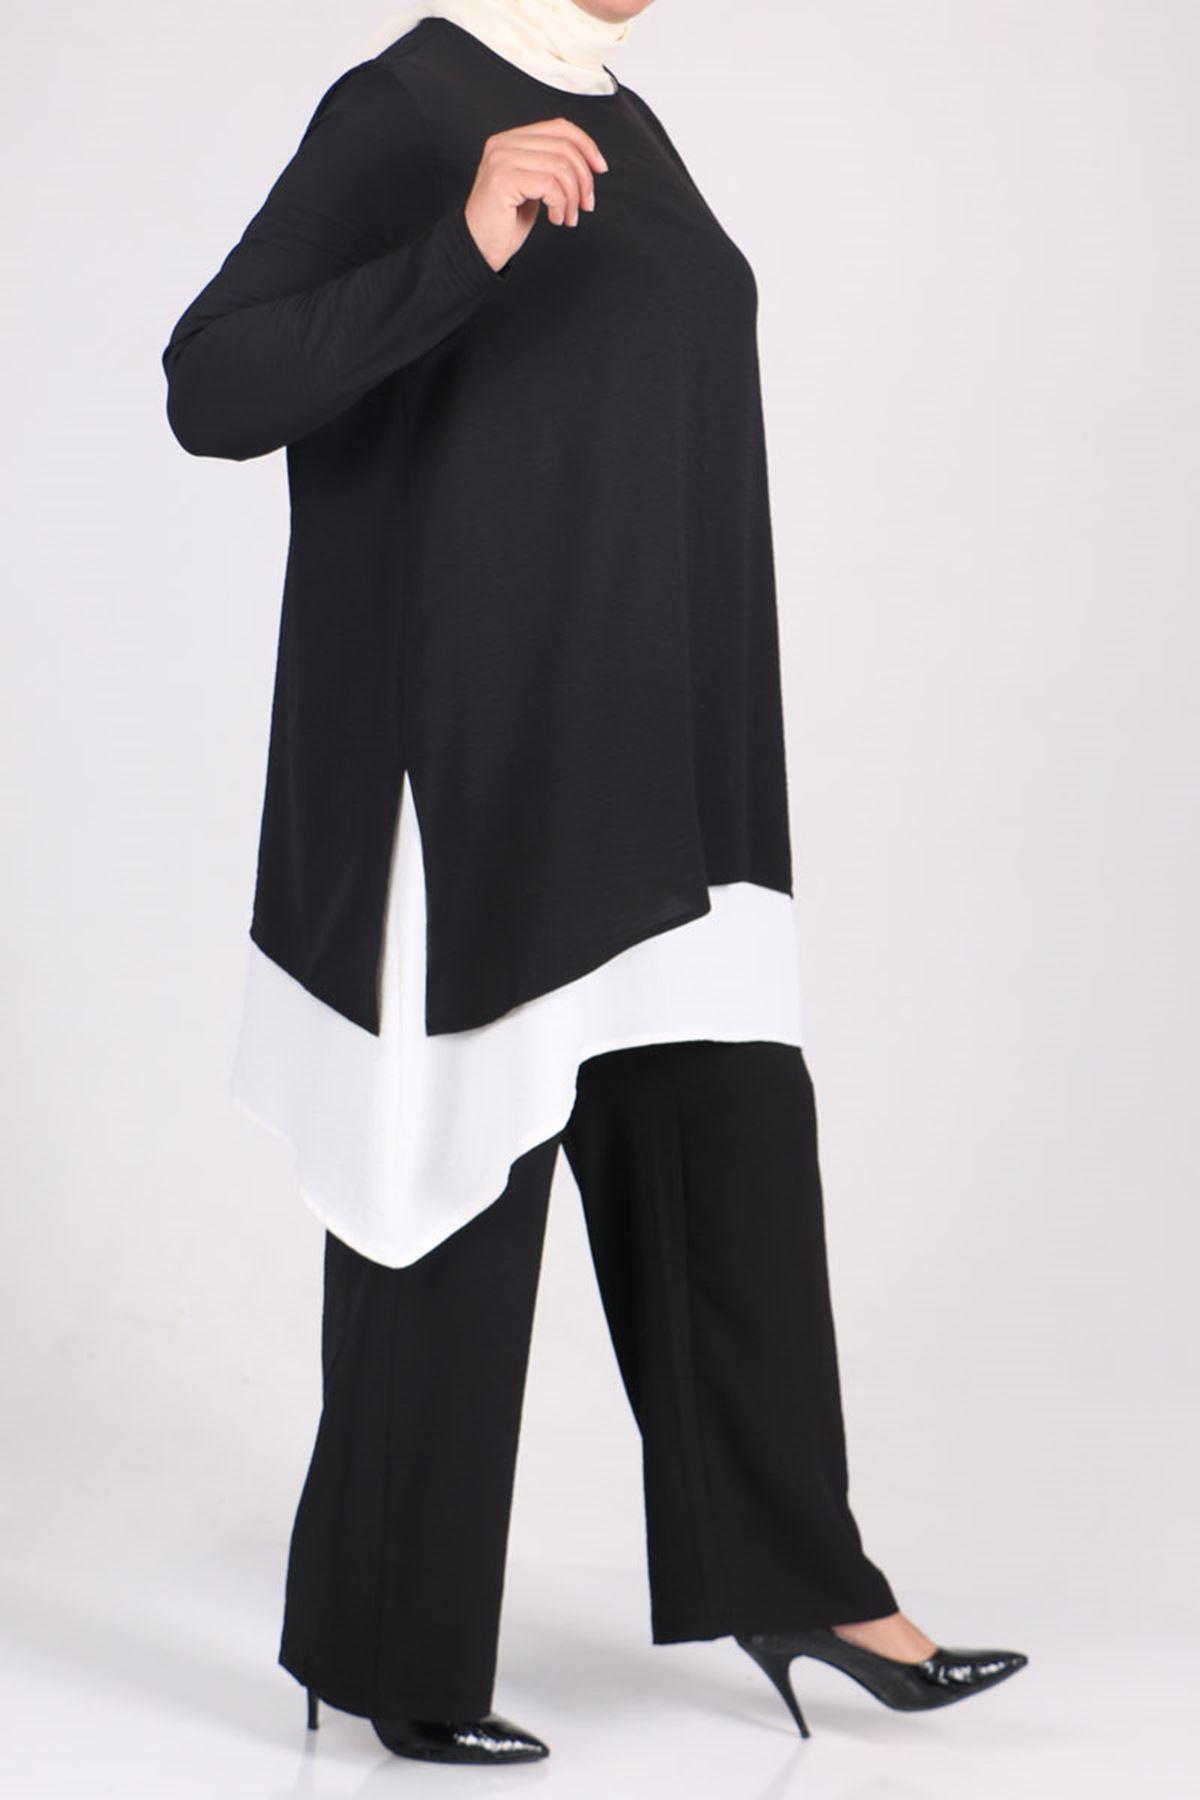 7703 Büyük Beden Airobin Çift Kat Pantolonlu Takım - Siyah